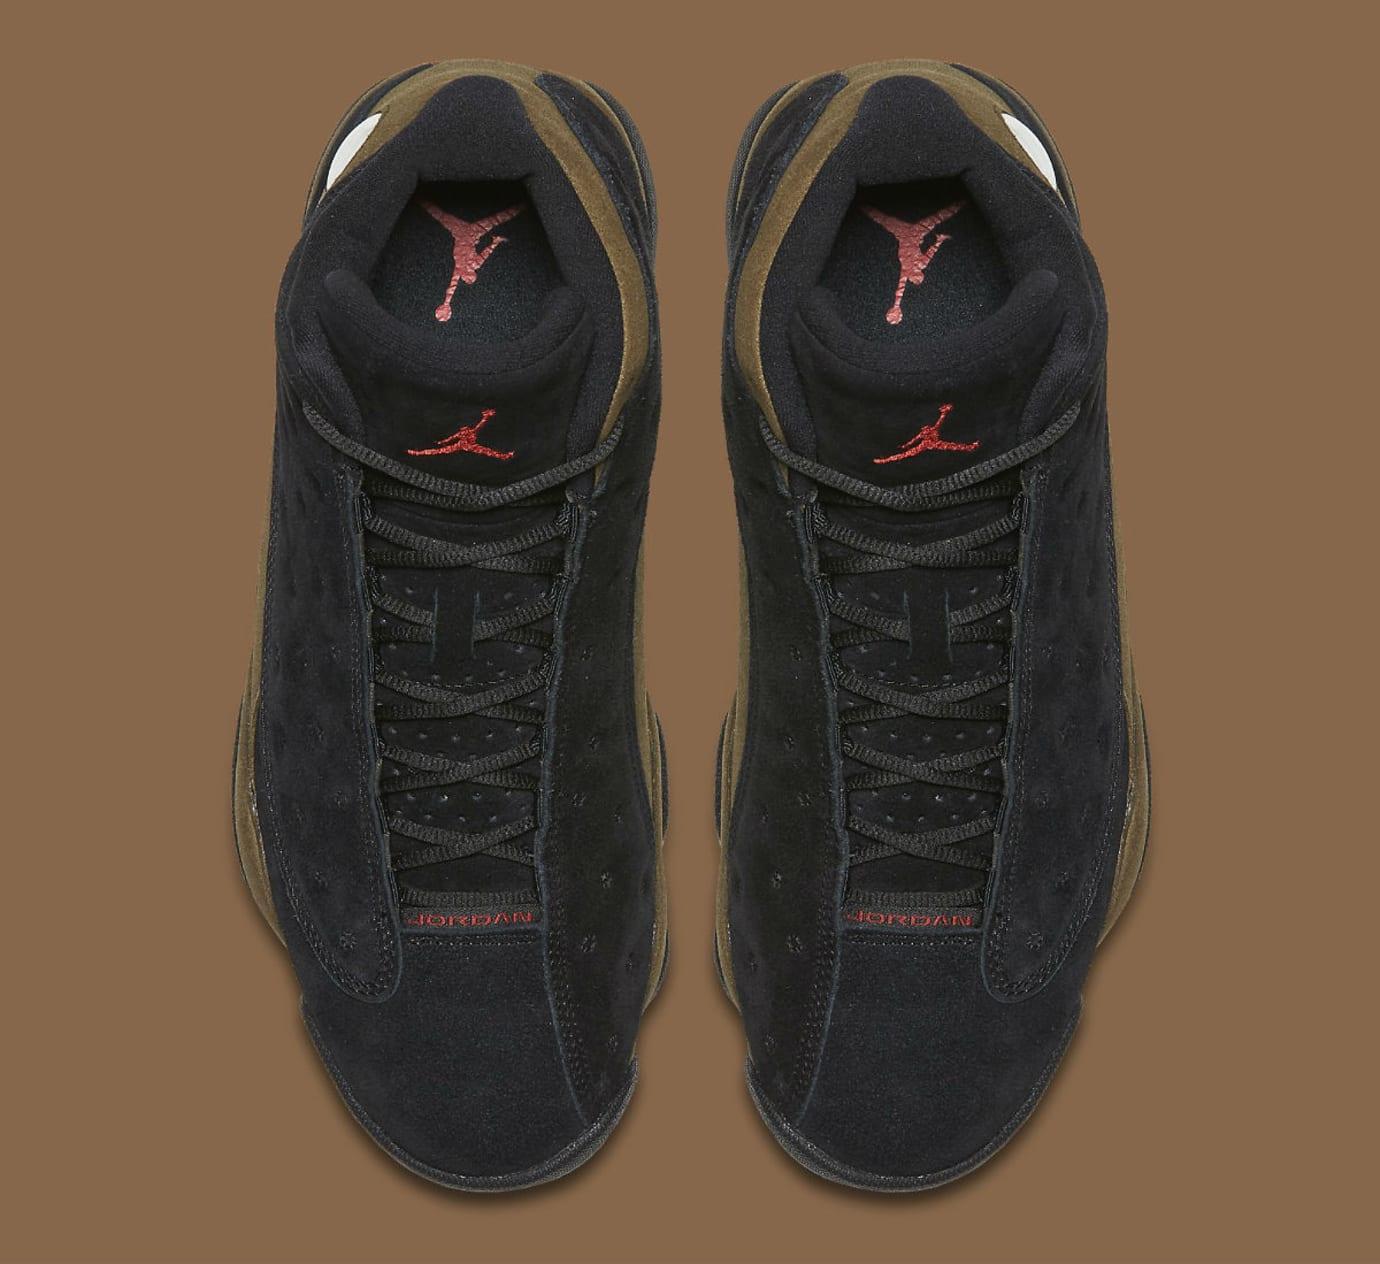 pretty nice e544f 37258 Air Jordan 13 XIII Olive Release Date 414571-006 Top